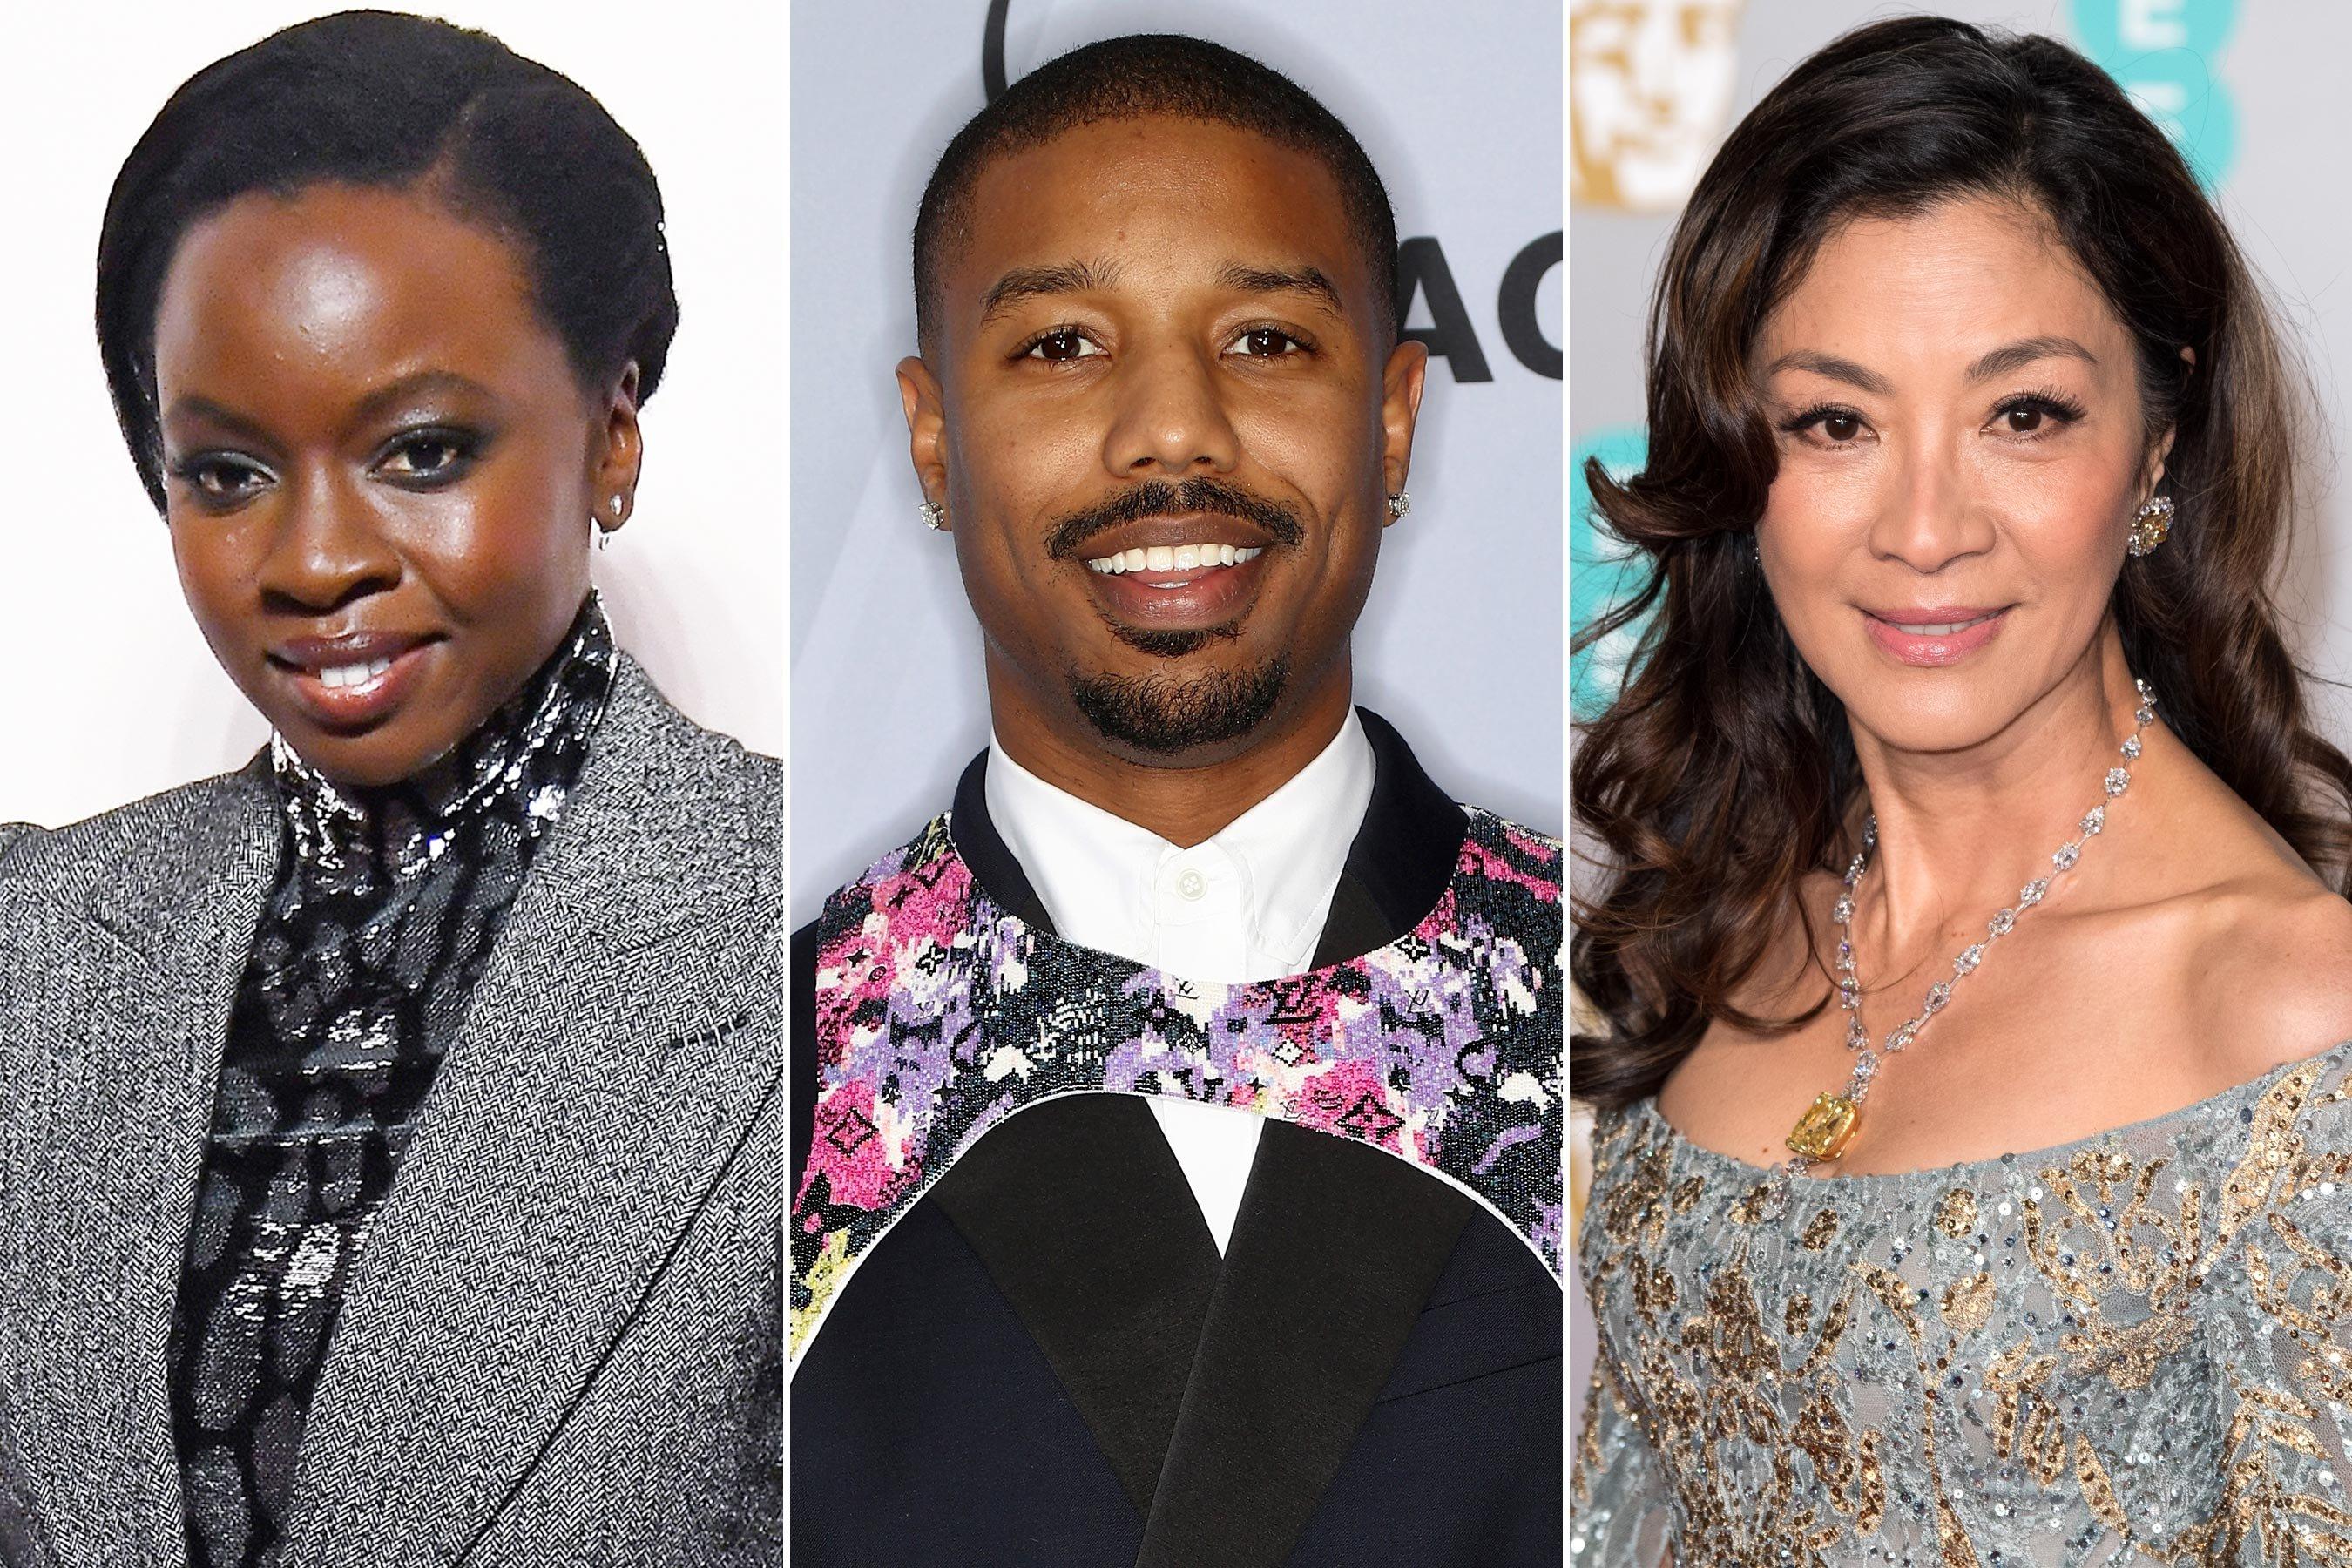 2019 Oscar Presenters: Danai Gurira, Michael B. Jordan Join | Ew Michael B Jordan Calendar 2019